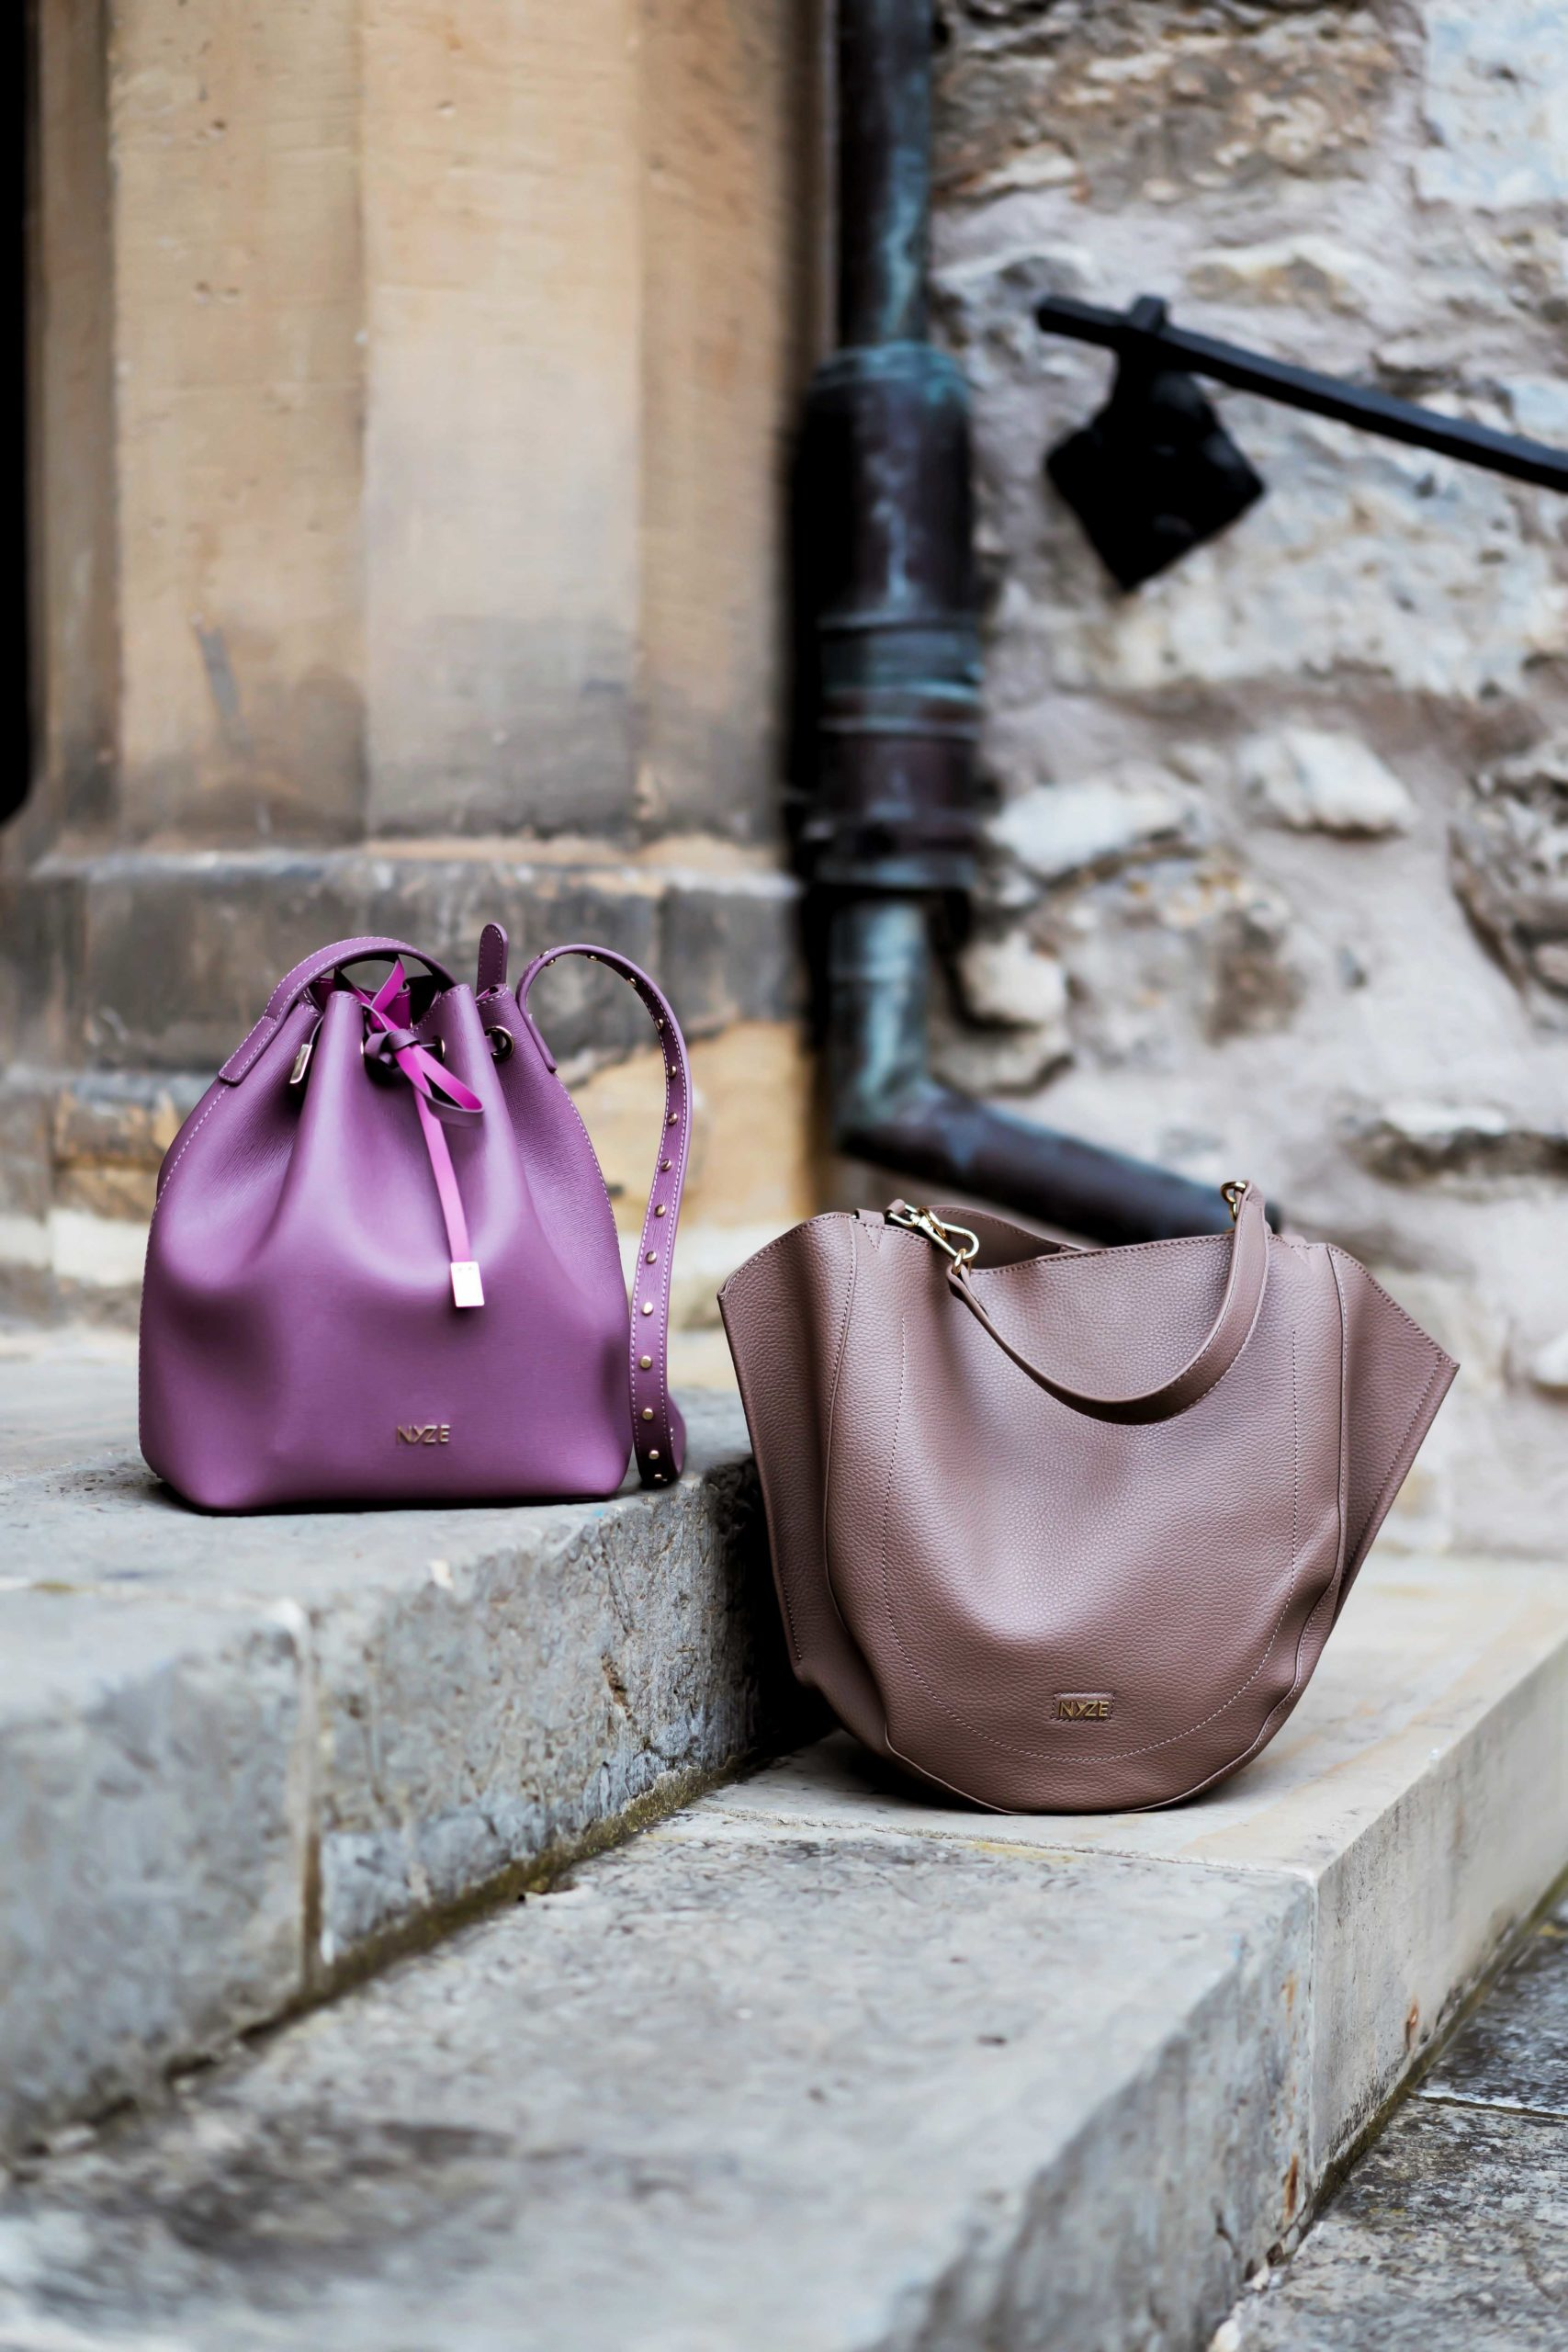 NYZE Taschen sind die neuen Influencer Taschen